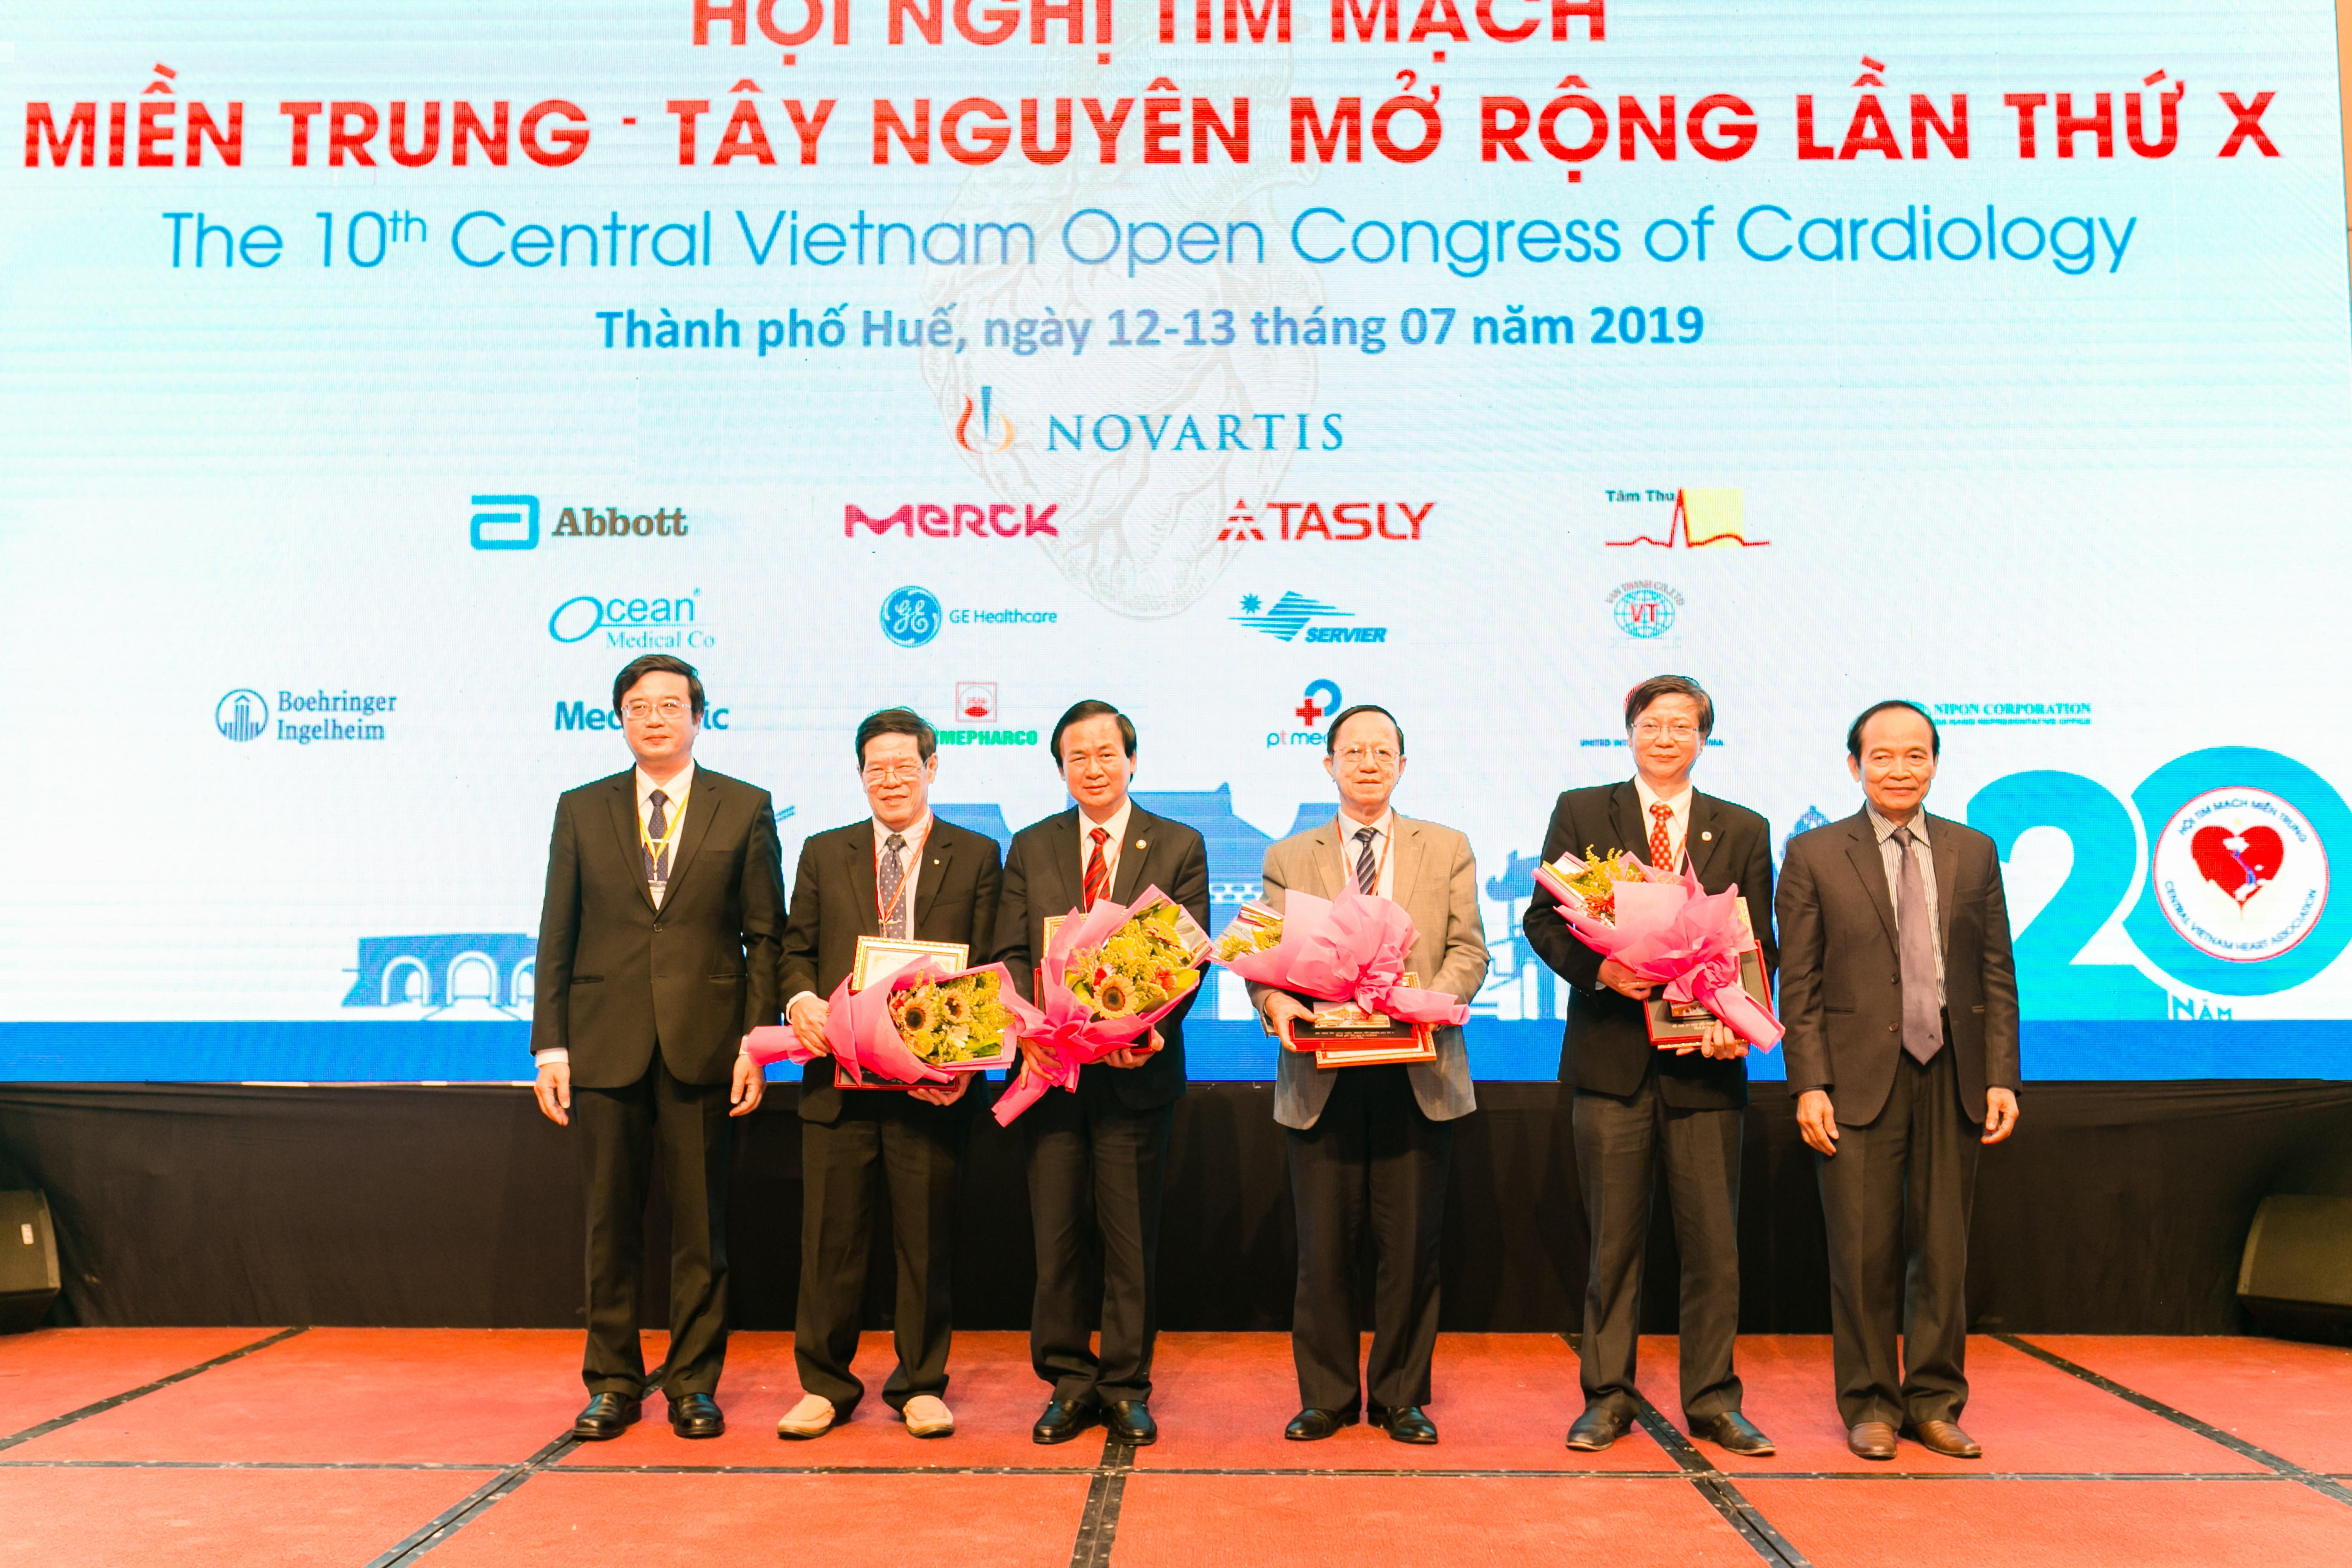 Hội nghị tim mạch miền Trung - Tây Nguyên mở rộng lần thứ X